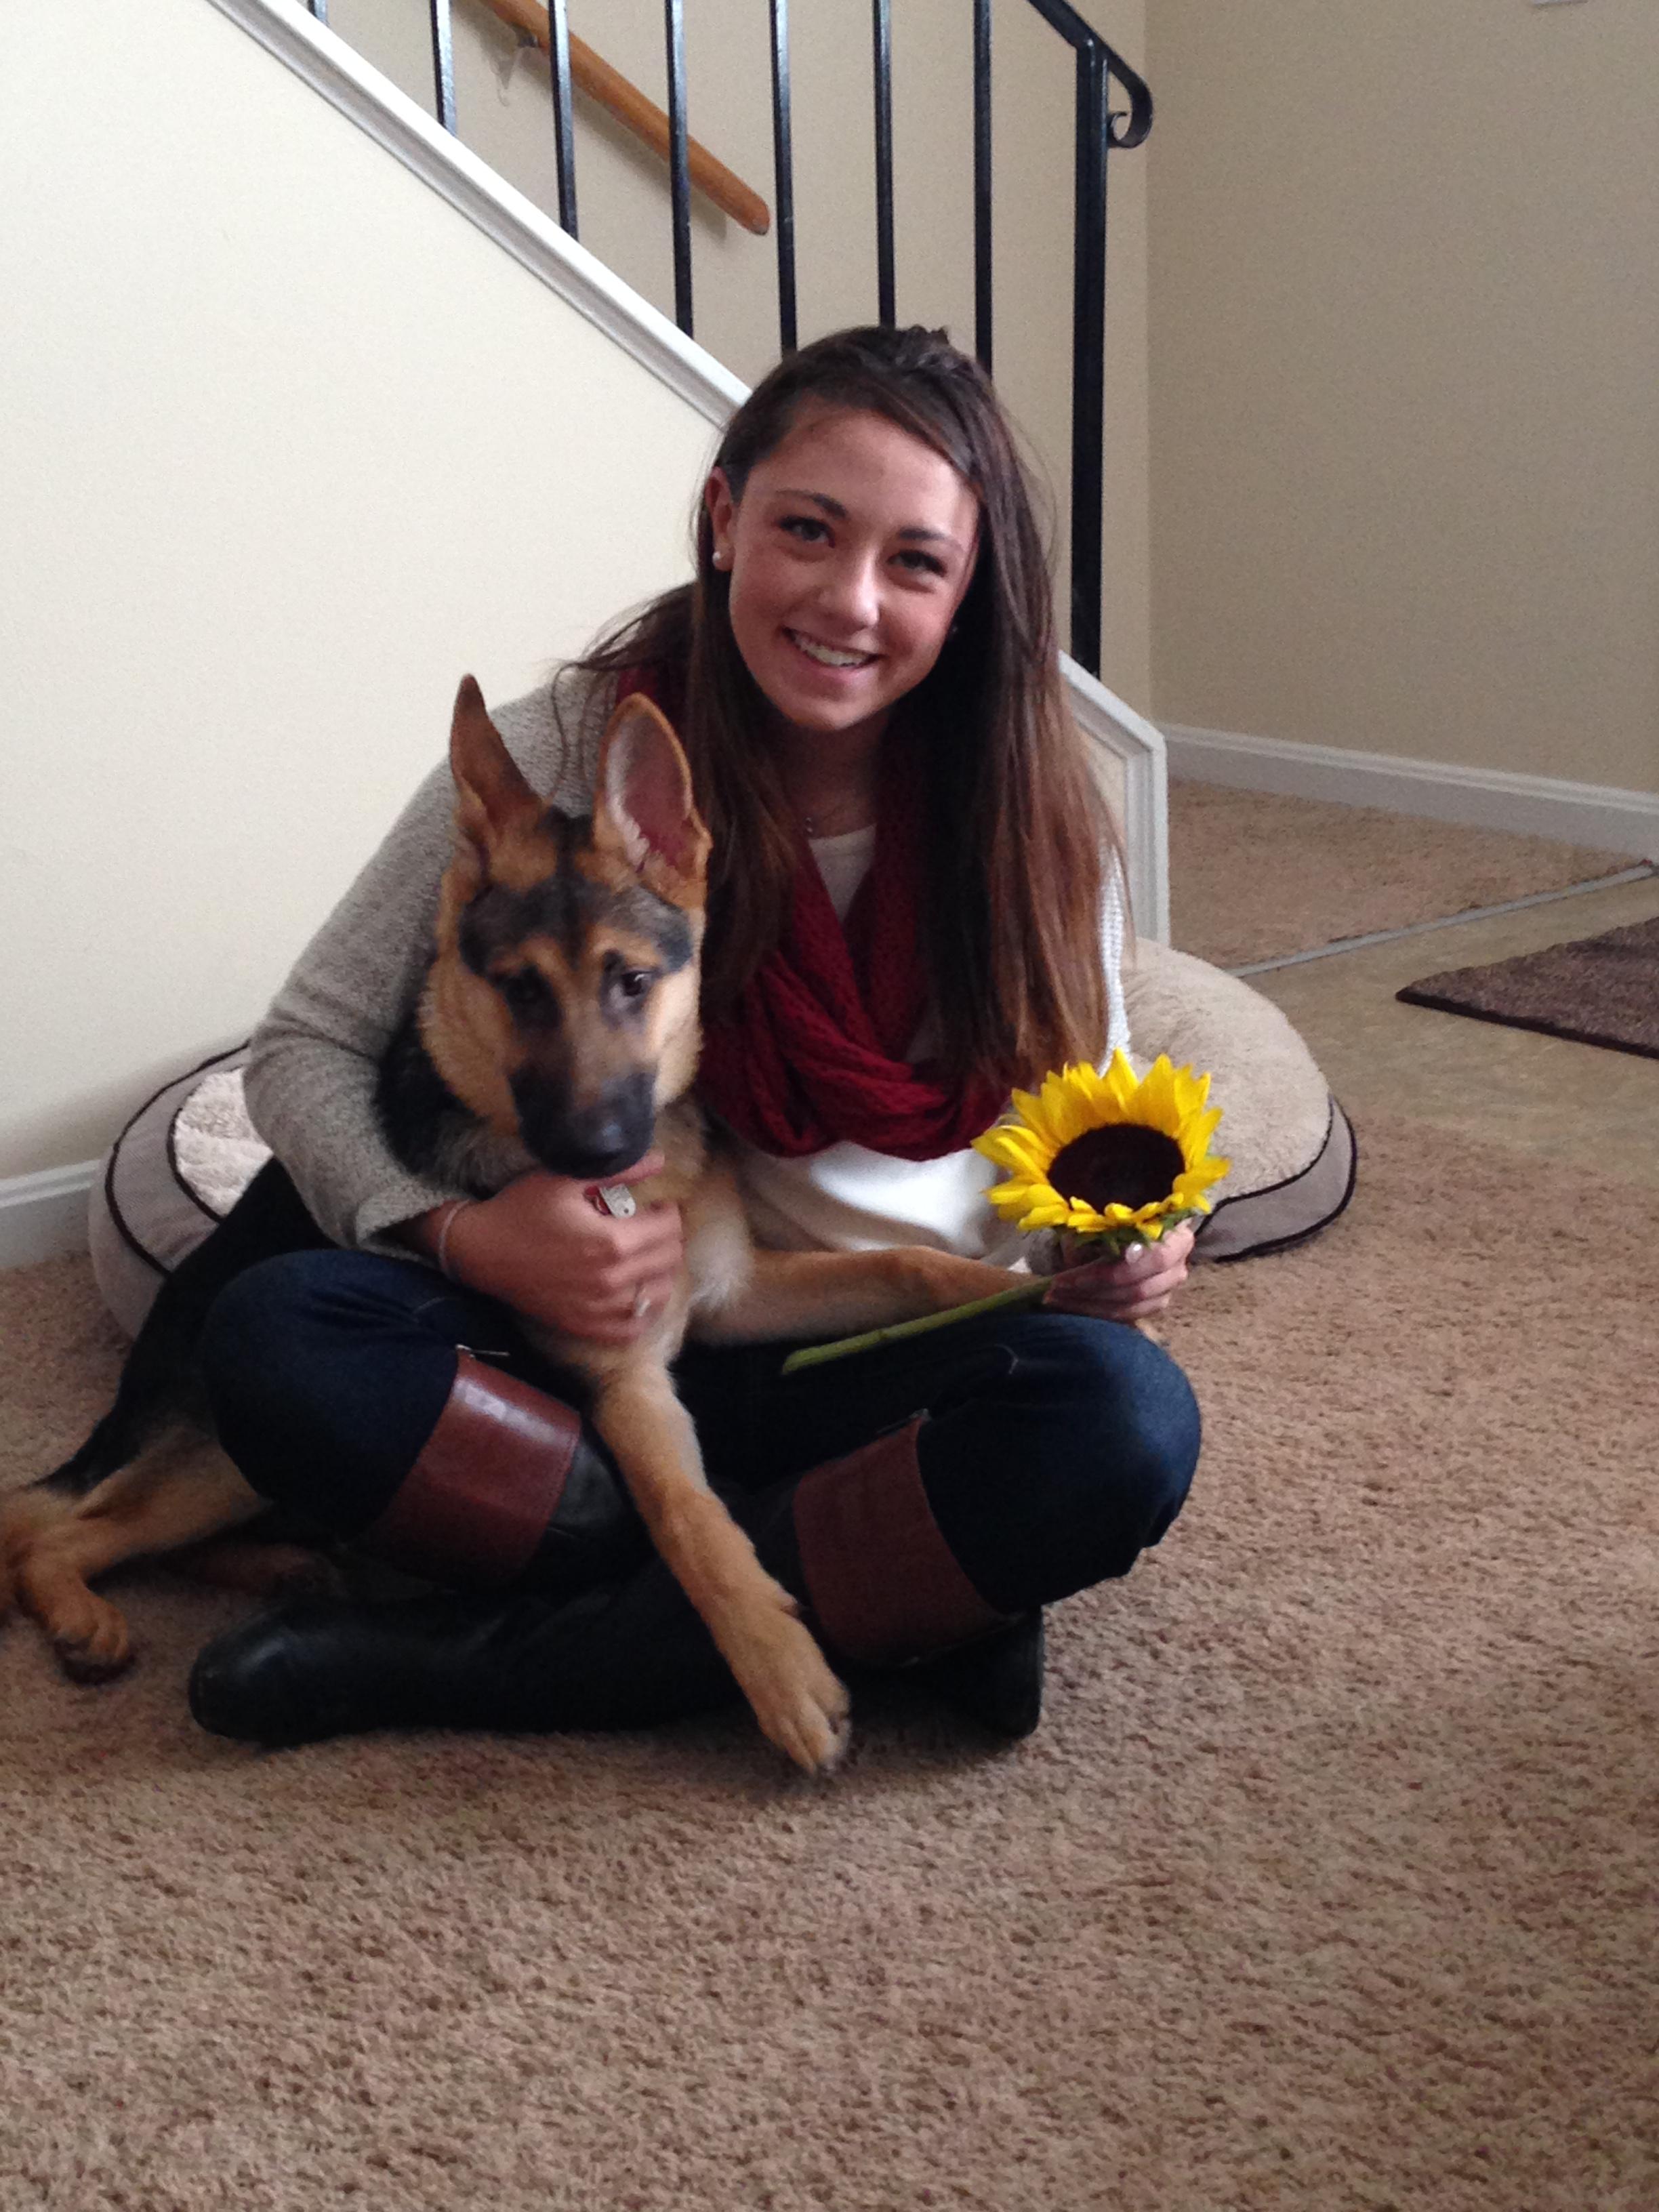 Me, Ashley, with my dog, Abu